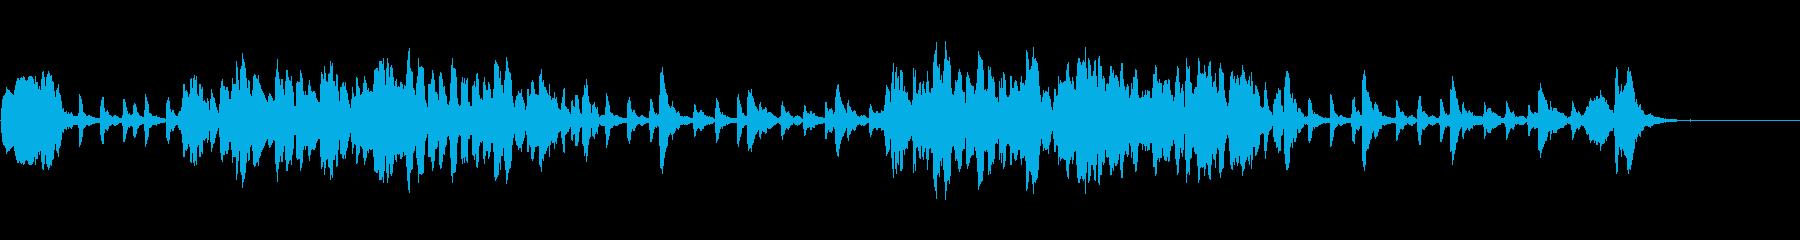 木管と木琴のコミカルなイメージの曲の再生済みの波形